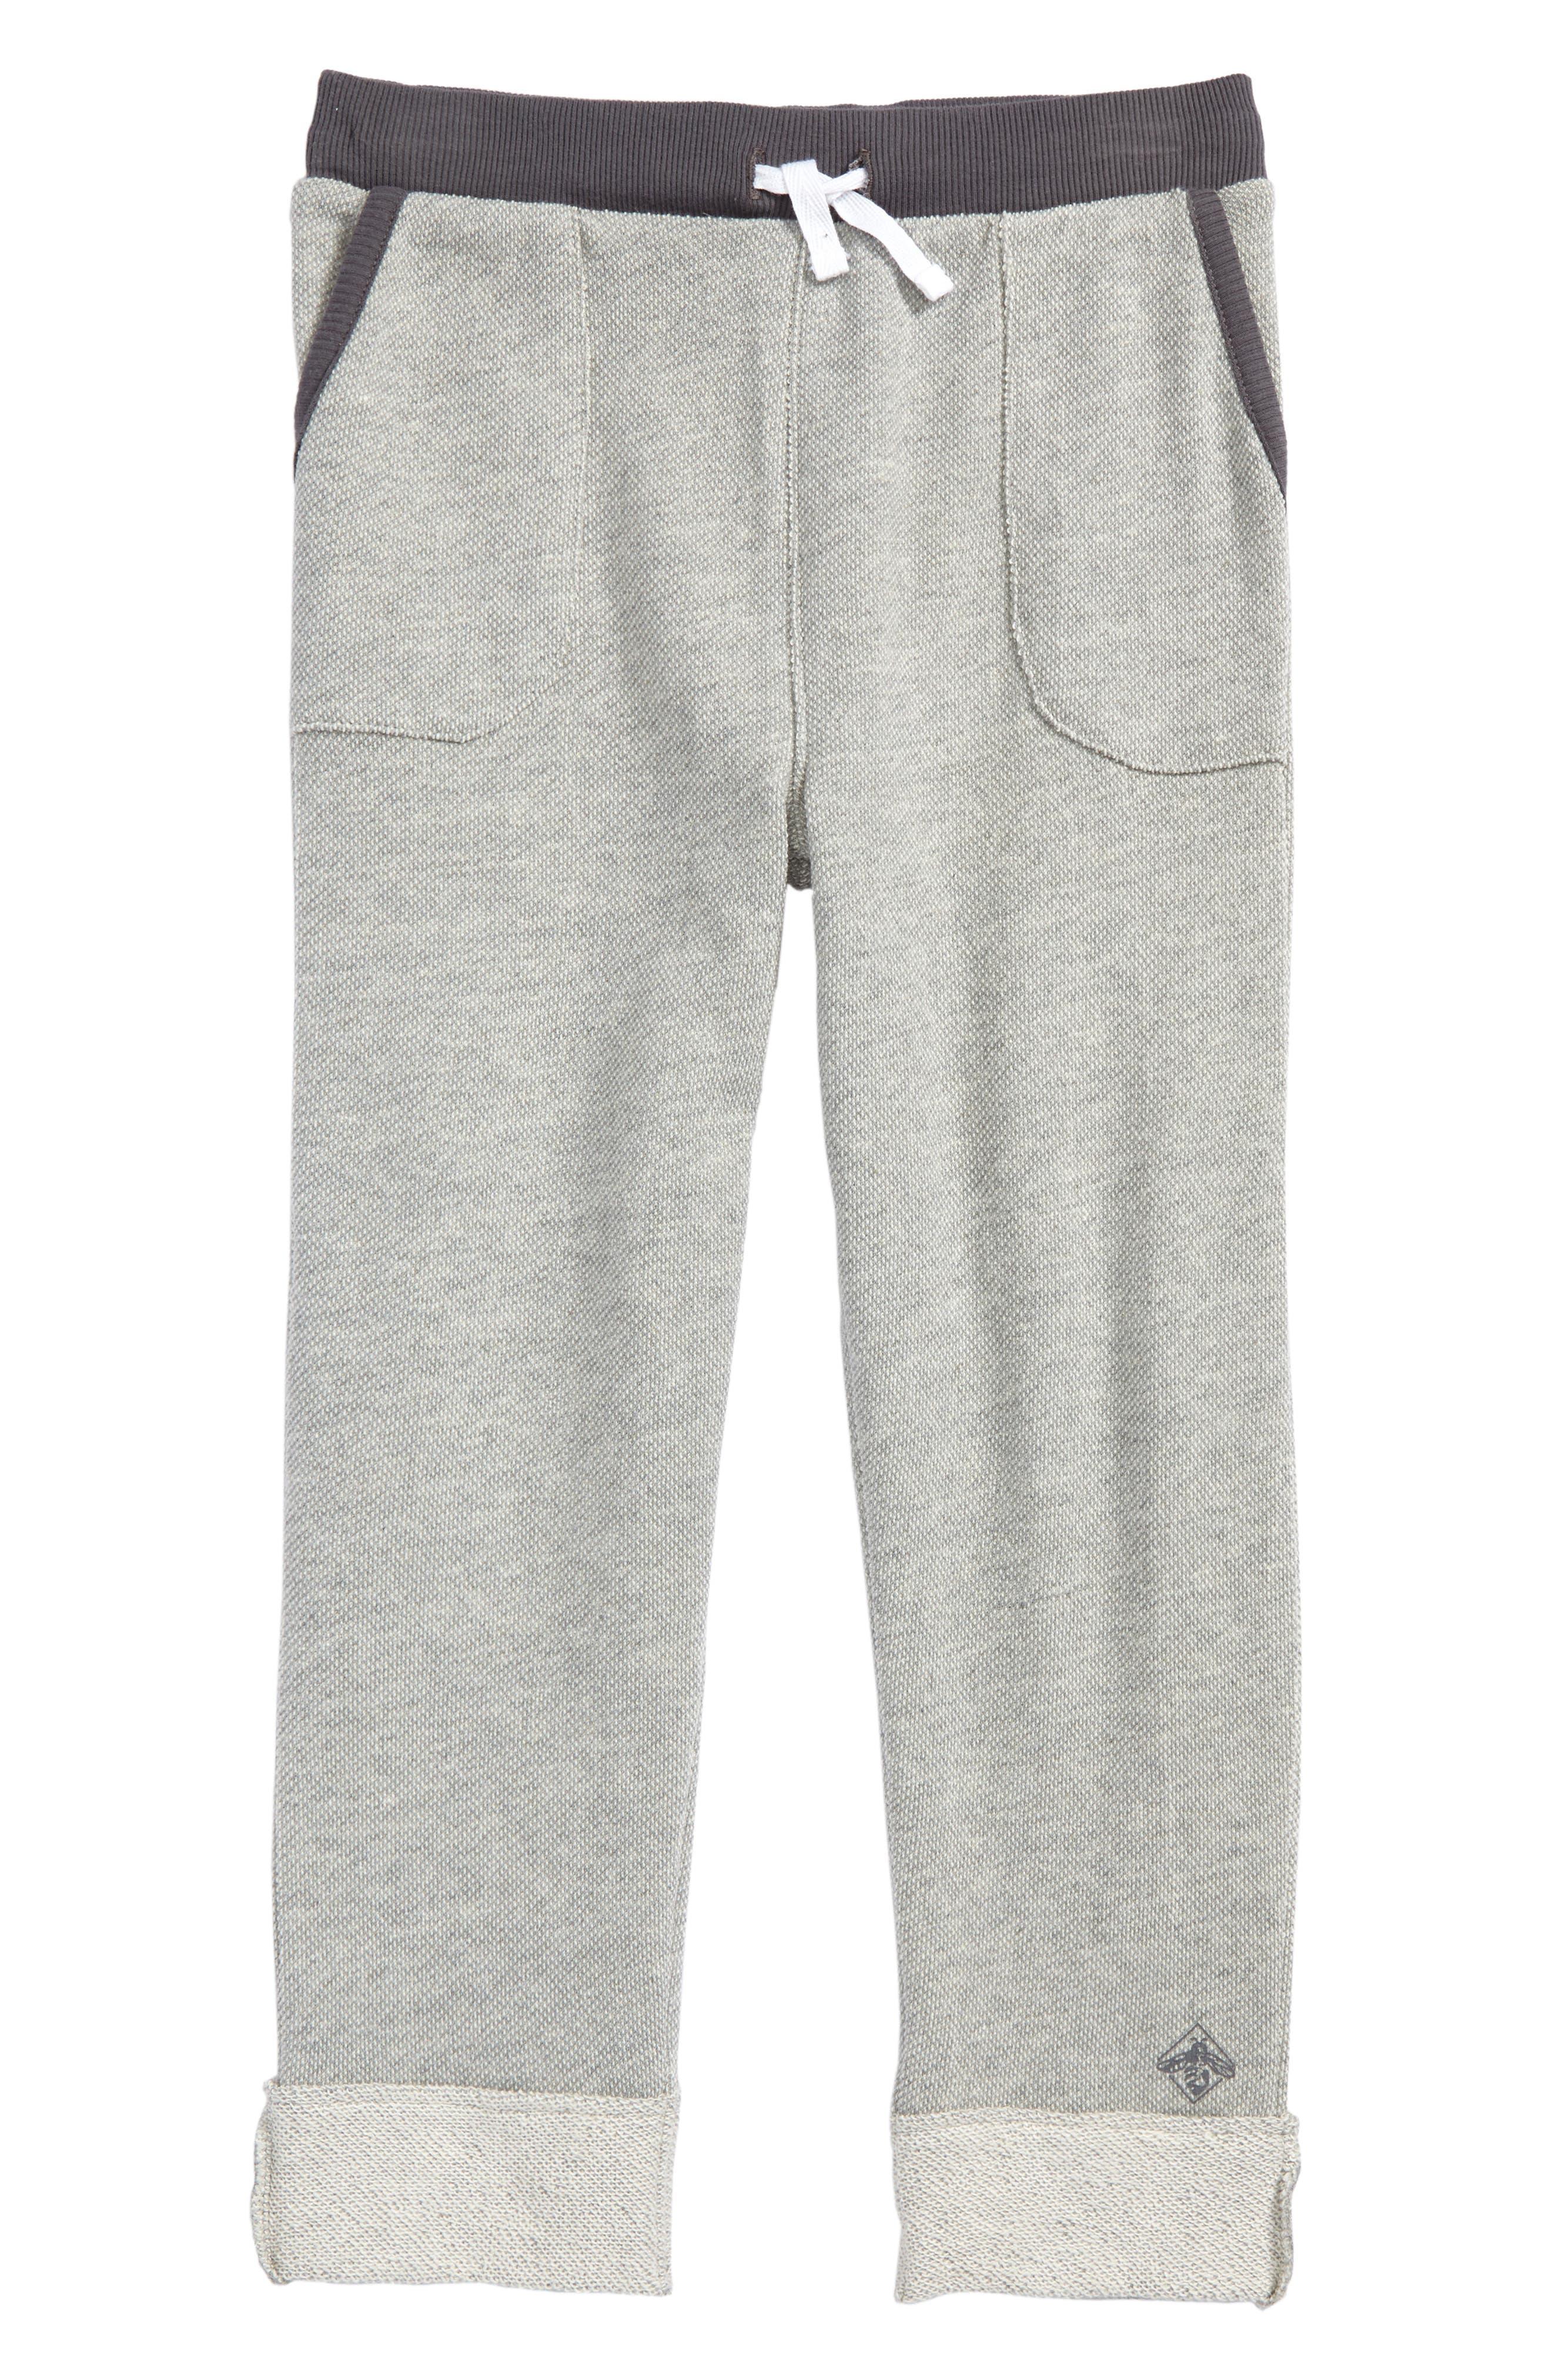 Organic Cotton Sweatpants,                         Main,                         color, 050